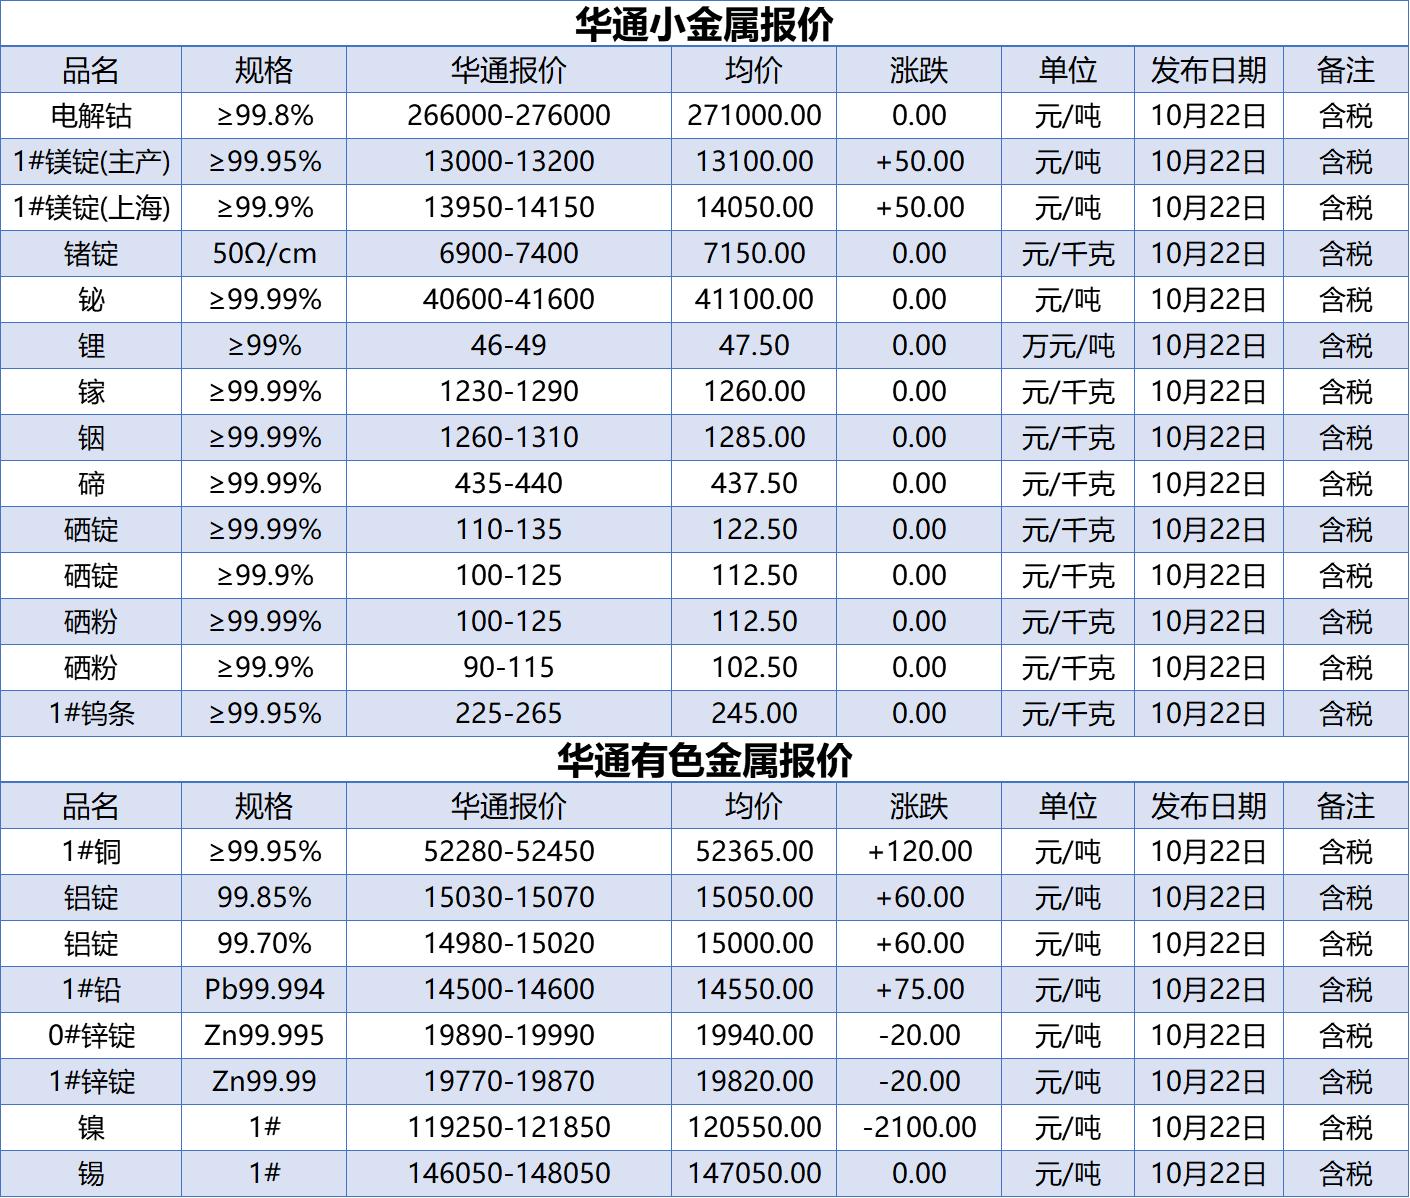 上海华通铂银:10.22小金属、有色金属报价